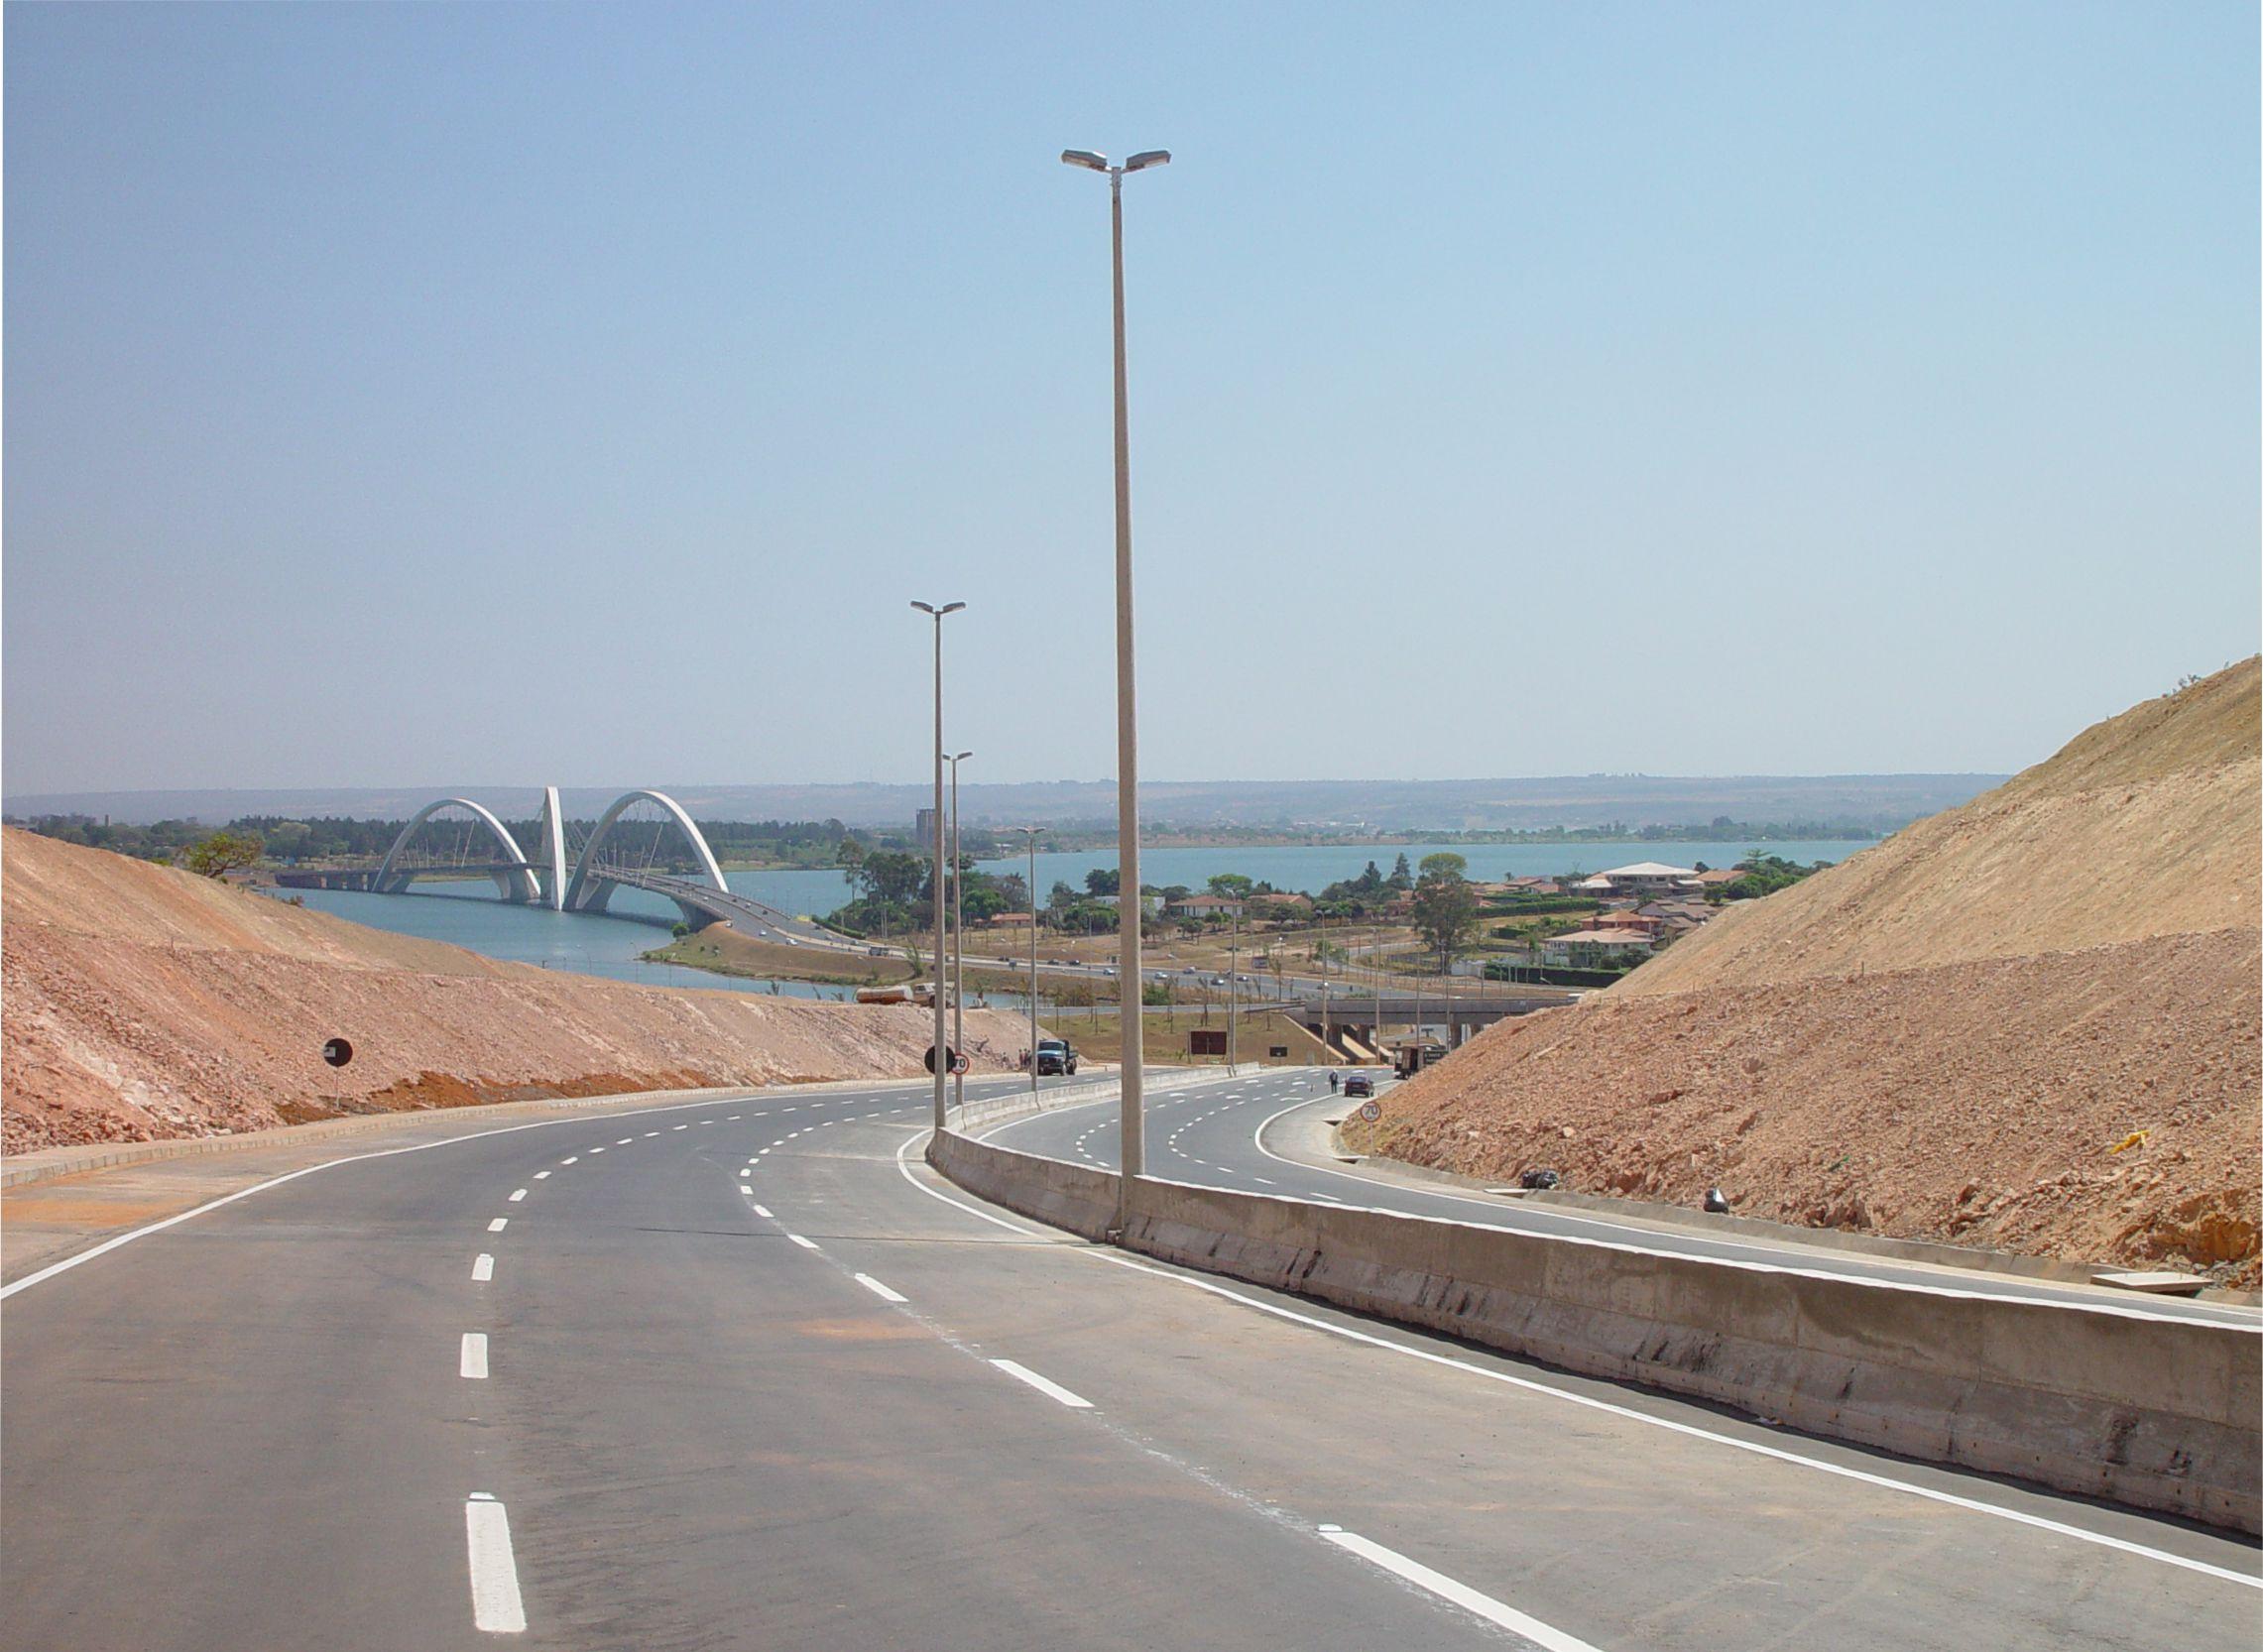 Via EPDB – EPCT e acesso à ponte JK